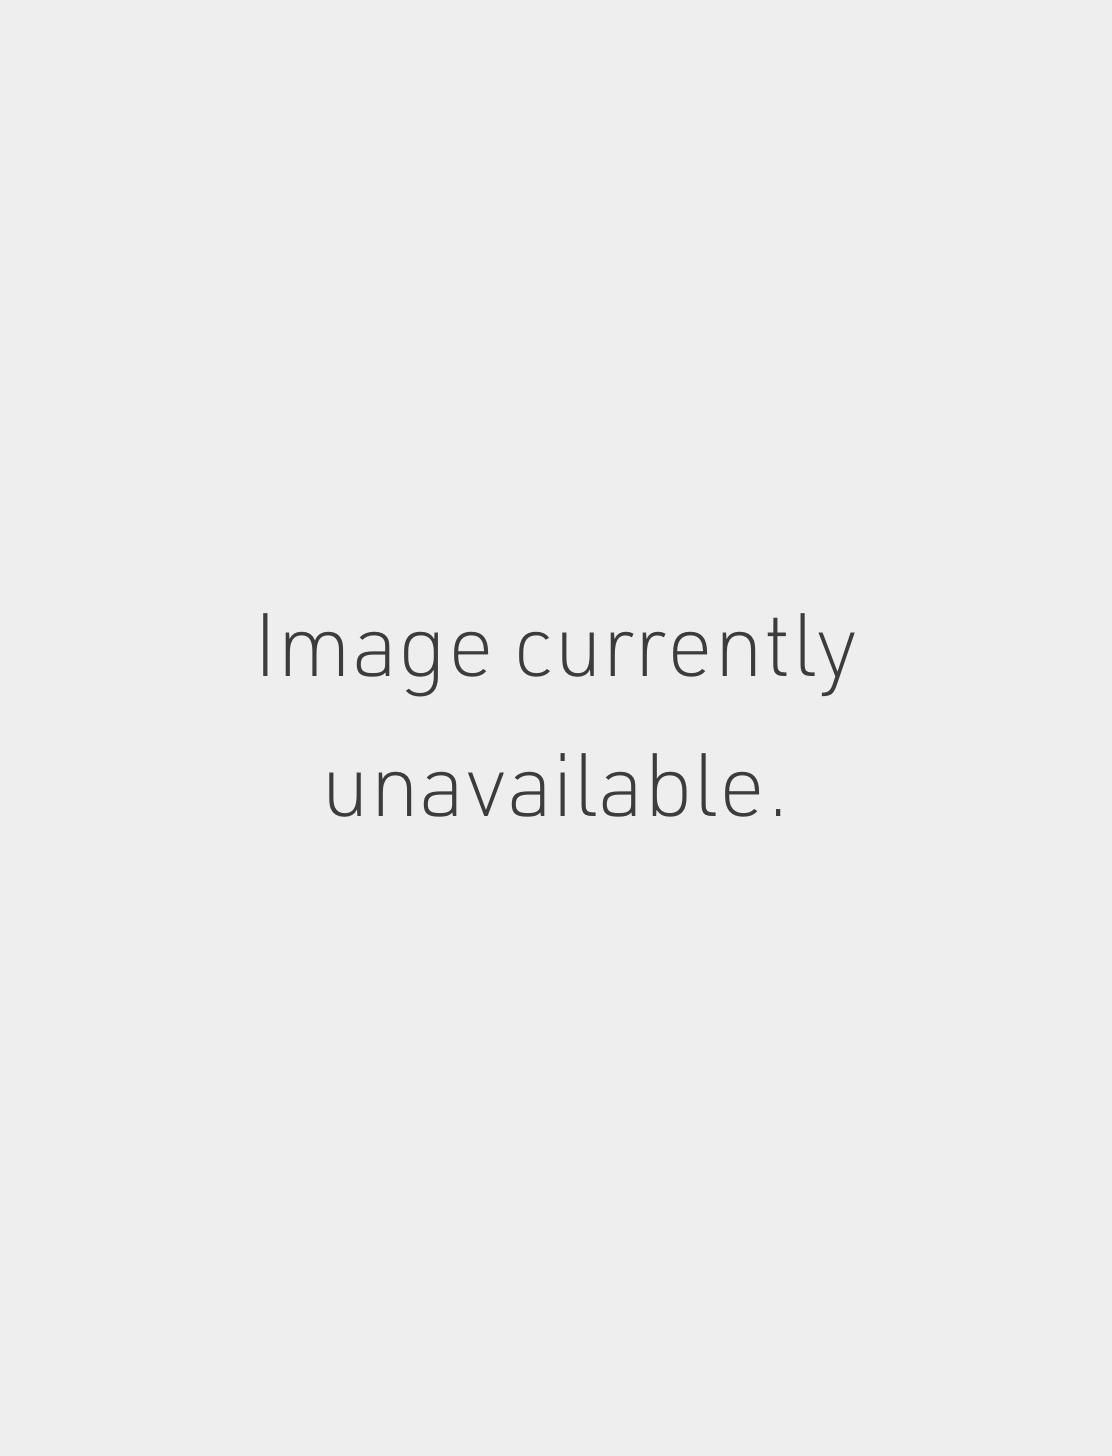 3 Opal Cluster on Tash Thread Post Image #1